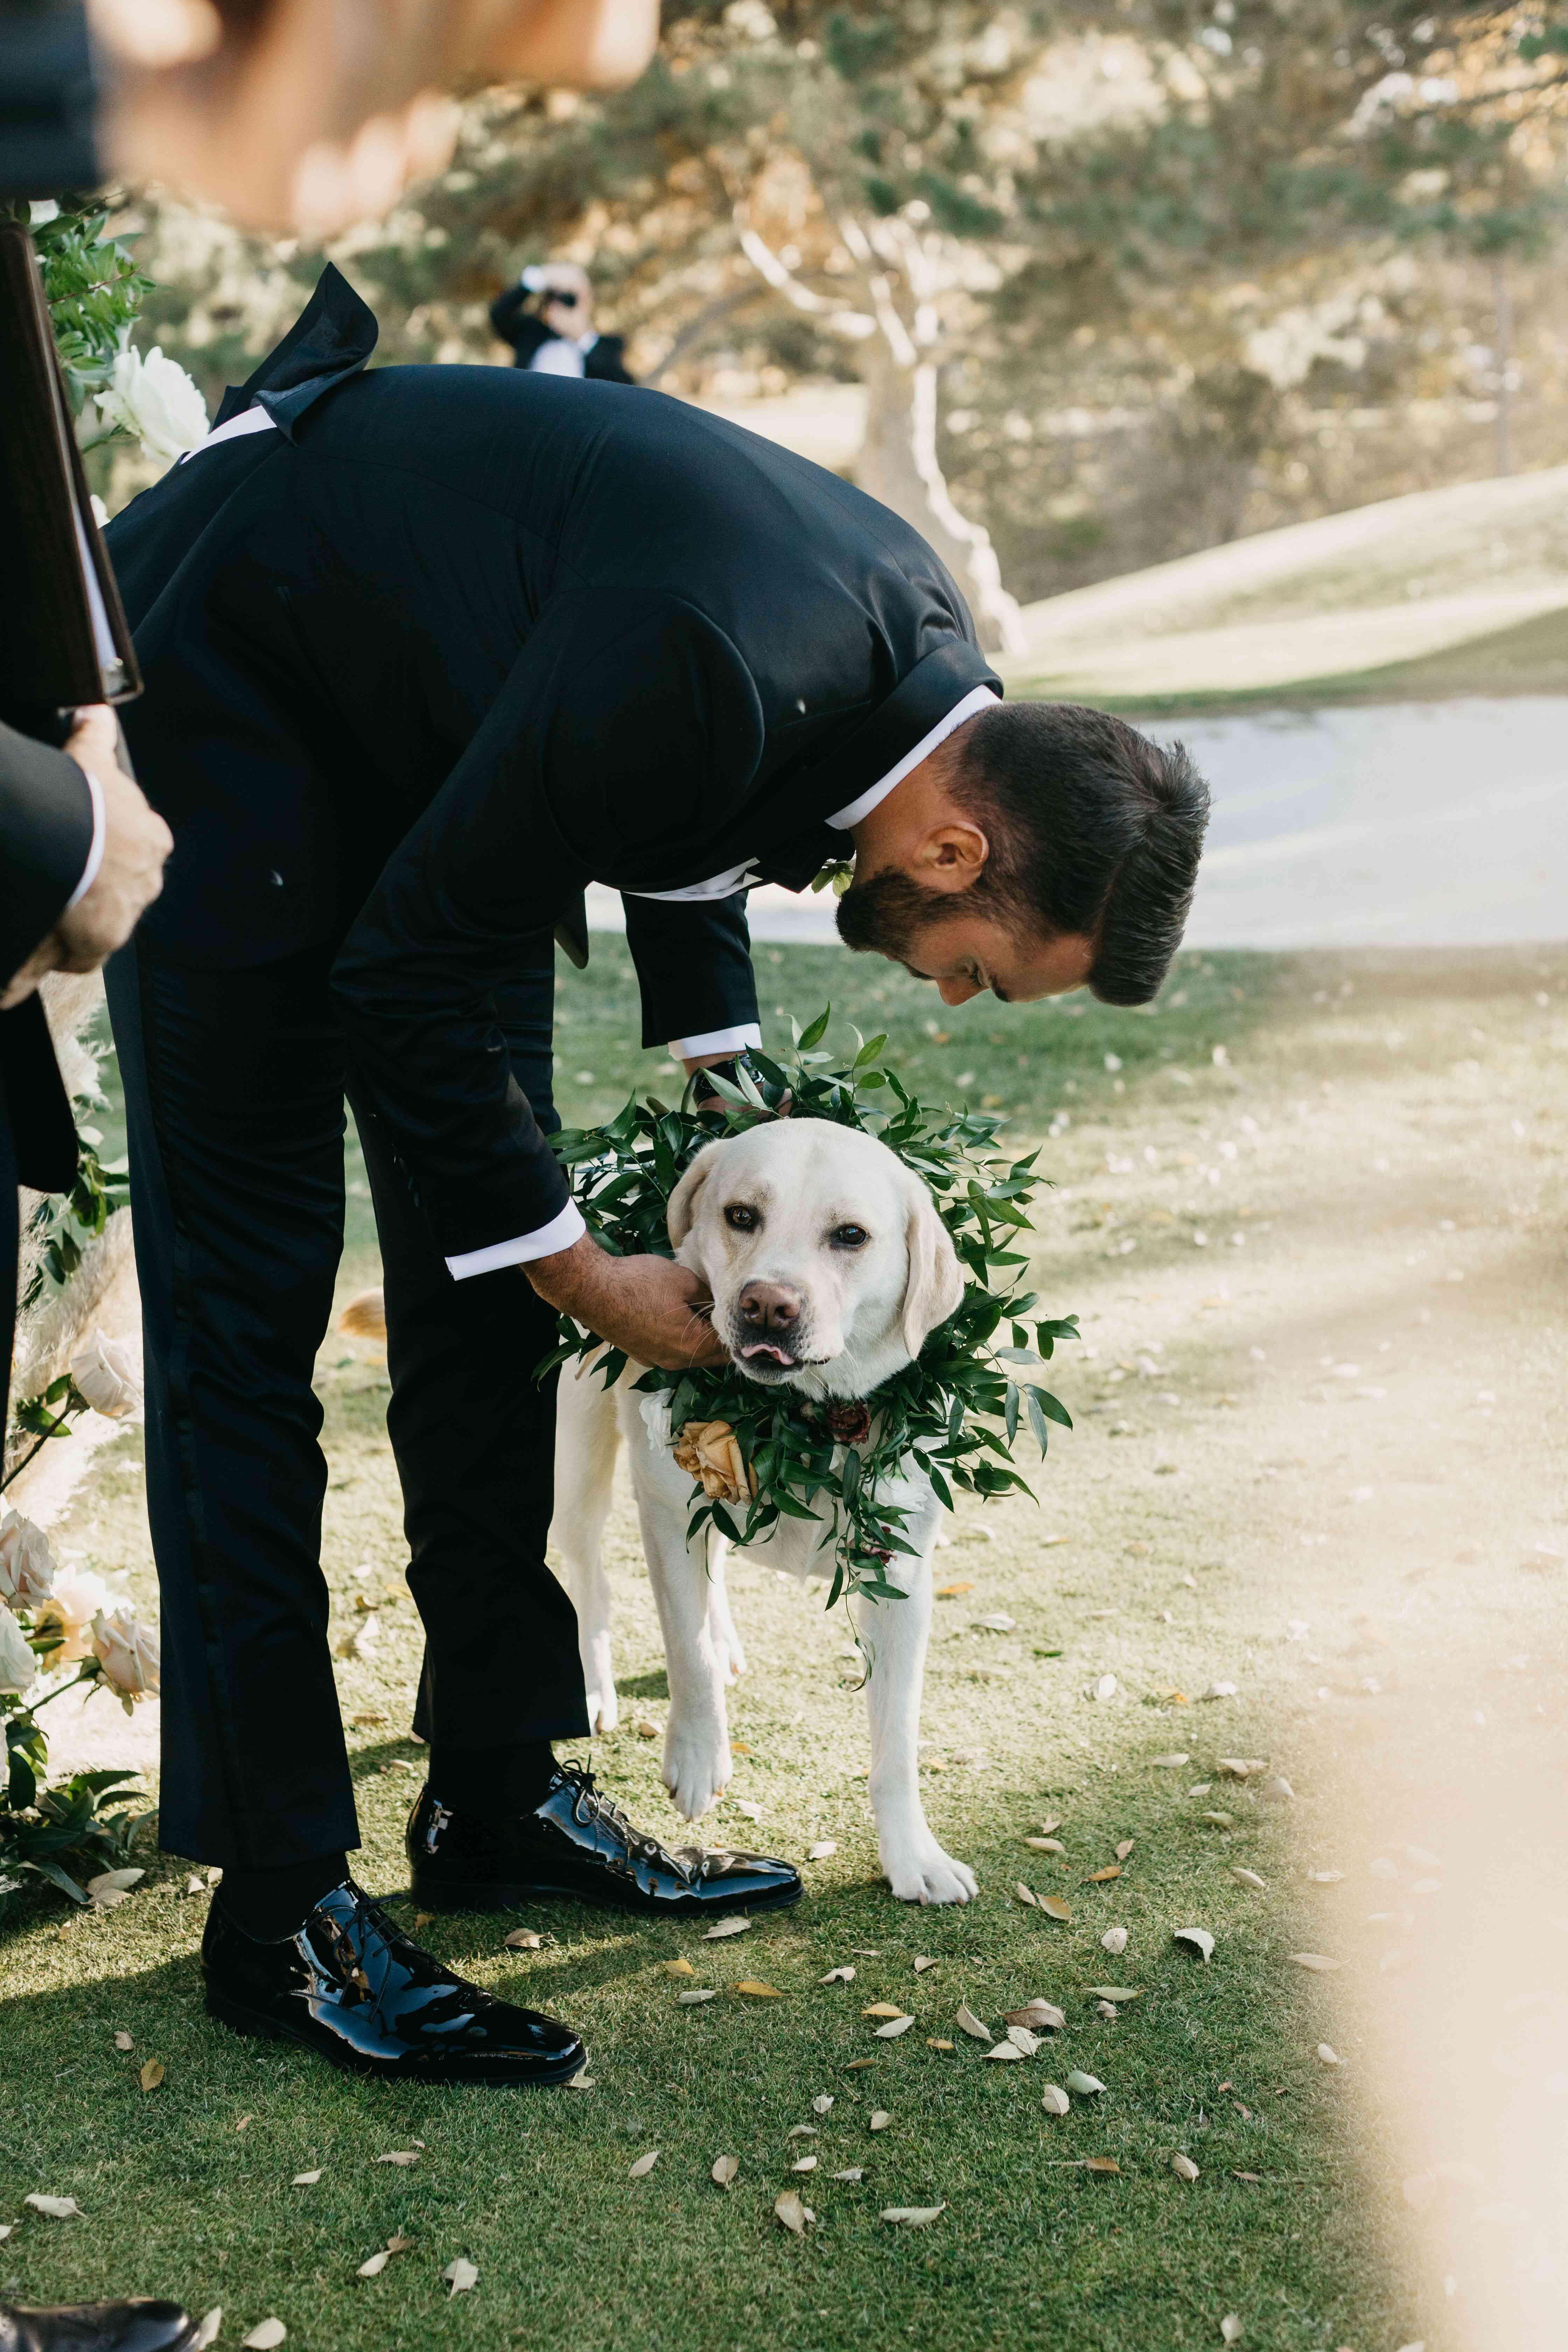 dog wearing greenery collar